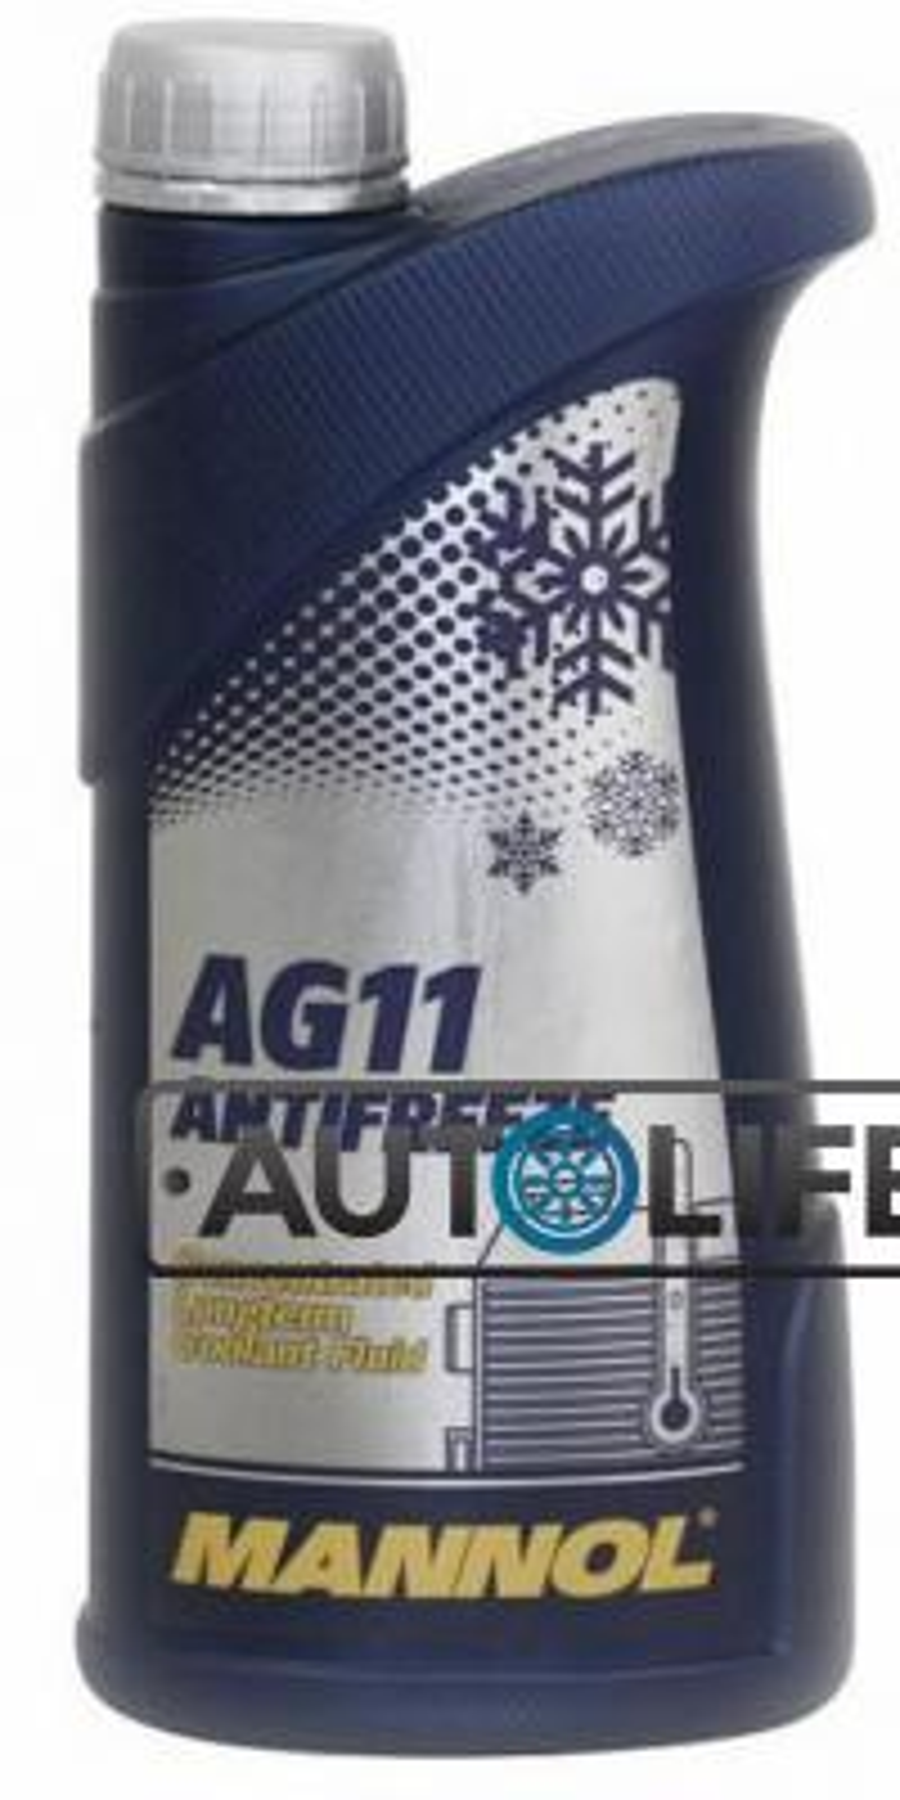 Антифриз-концентрат Longterm Antifreeze AG11, 1л